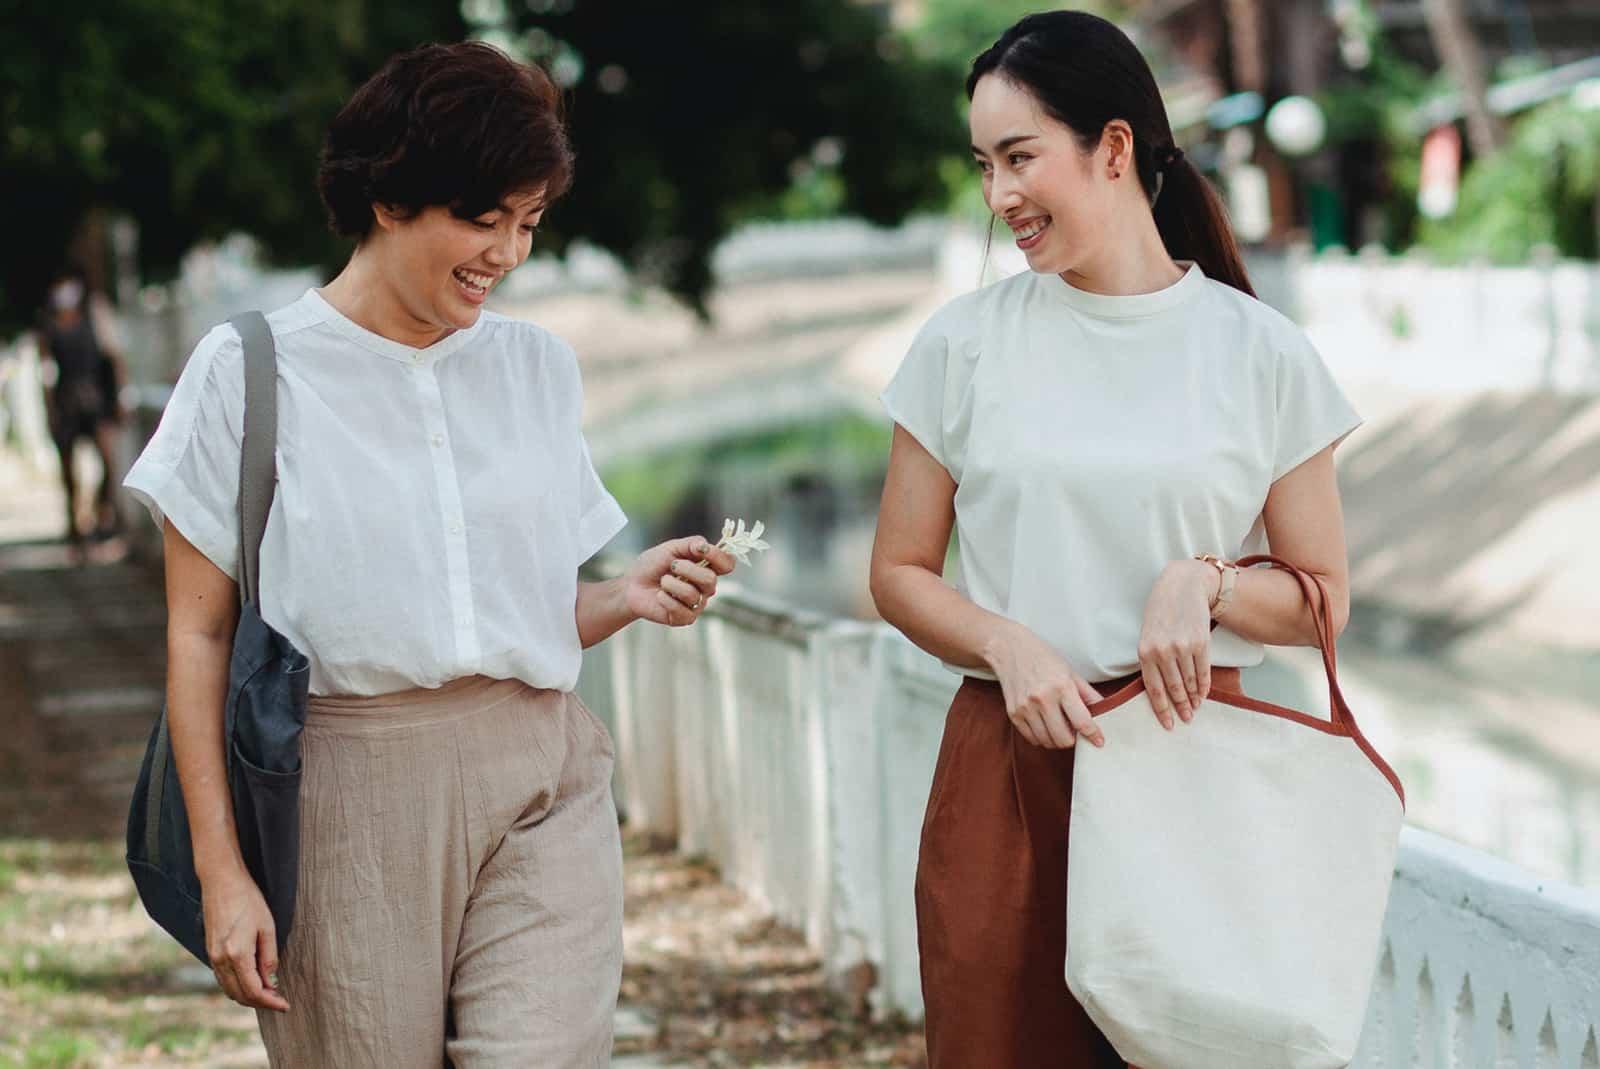 zwei lächelnde Freundinnen, die zusammen auf dem Bürgersteig gehen